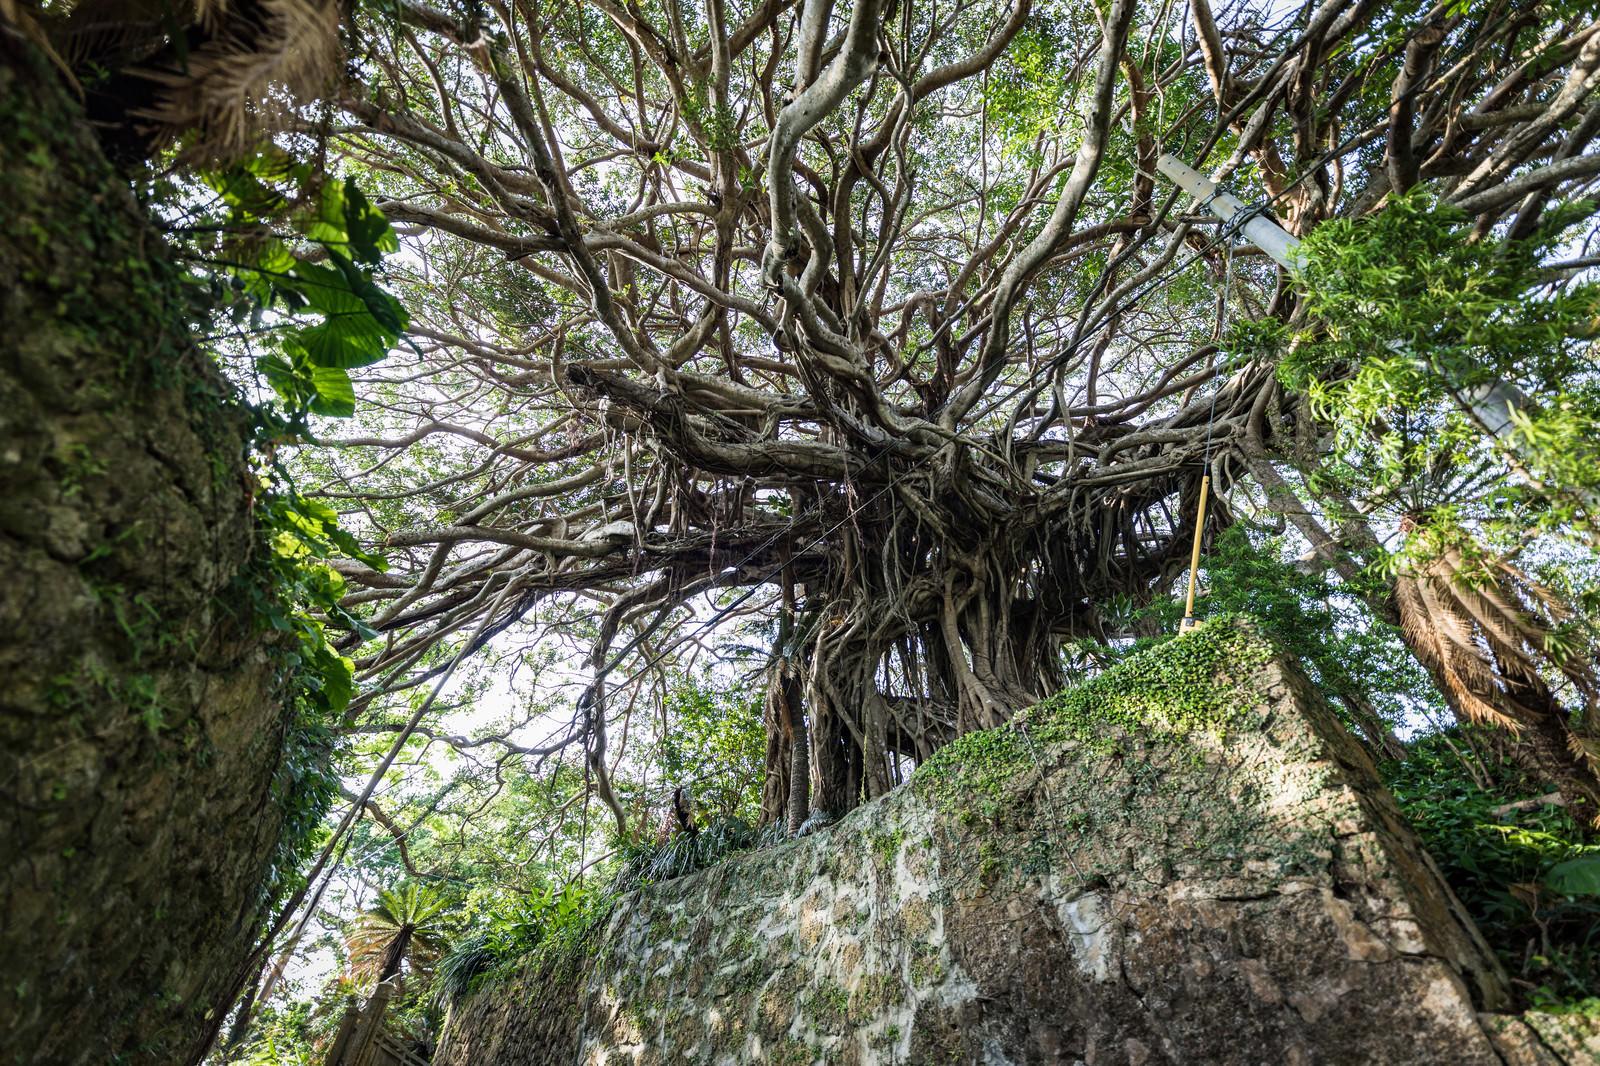 「樹齢300年のガジュマルと石垣樹齢300年のガジュマルと石垣」のフリー写真素材を拡大